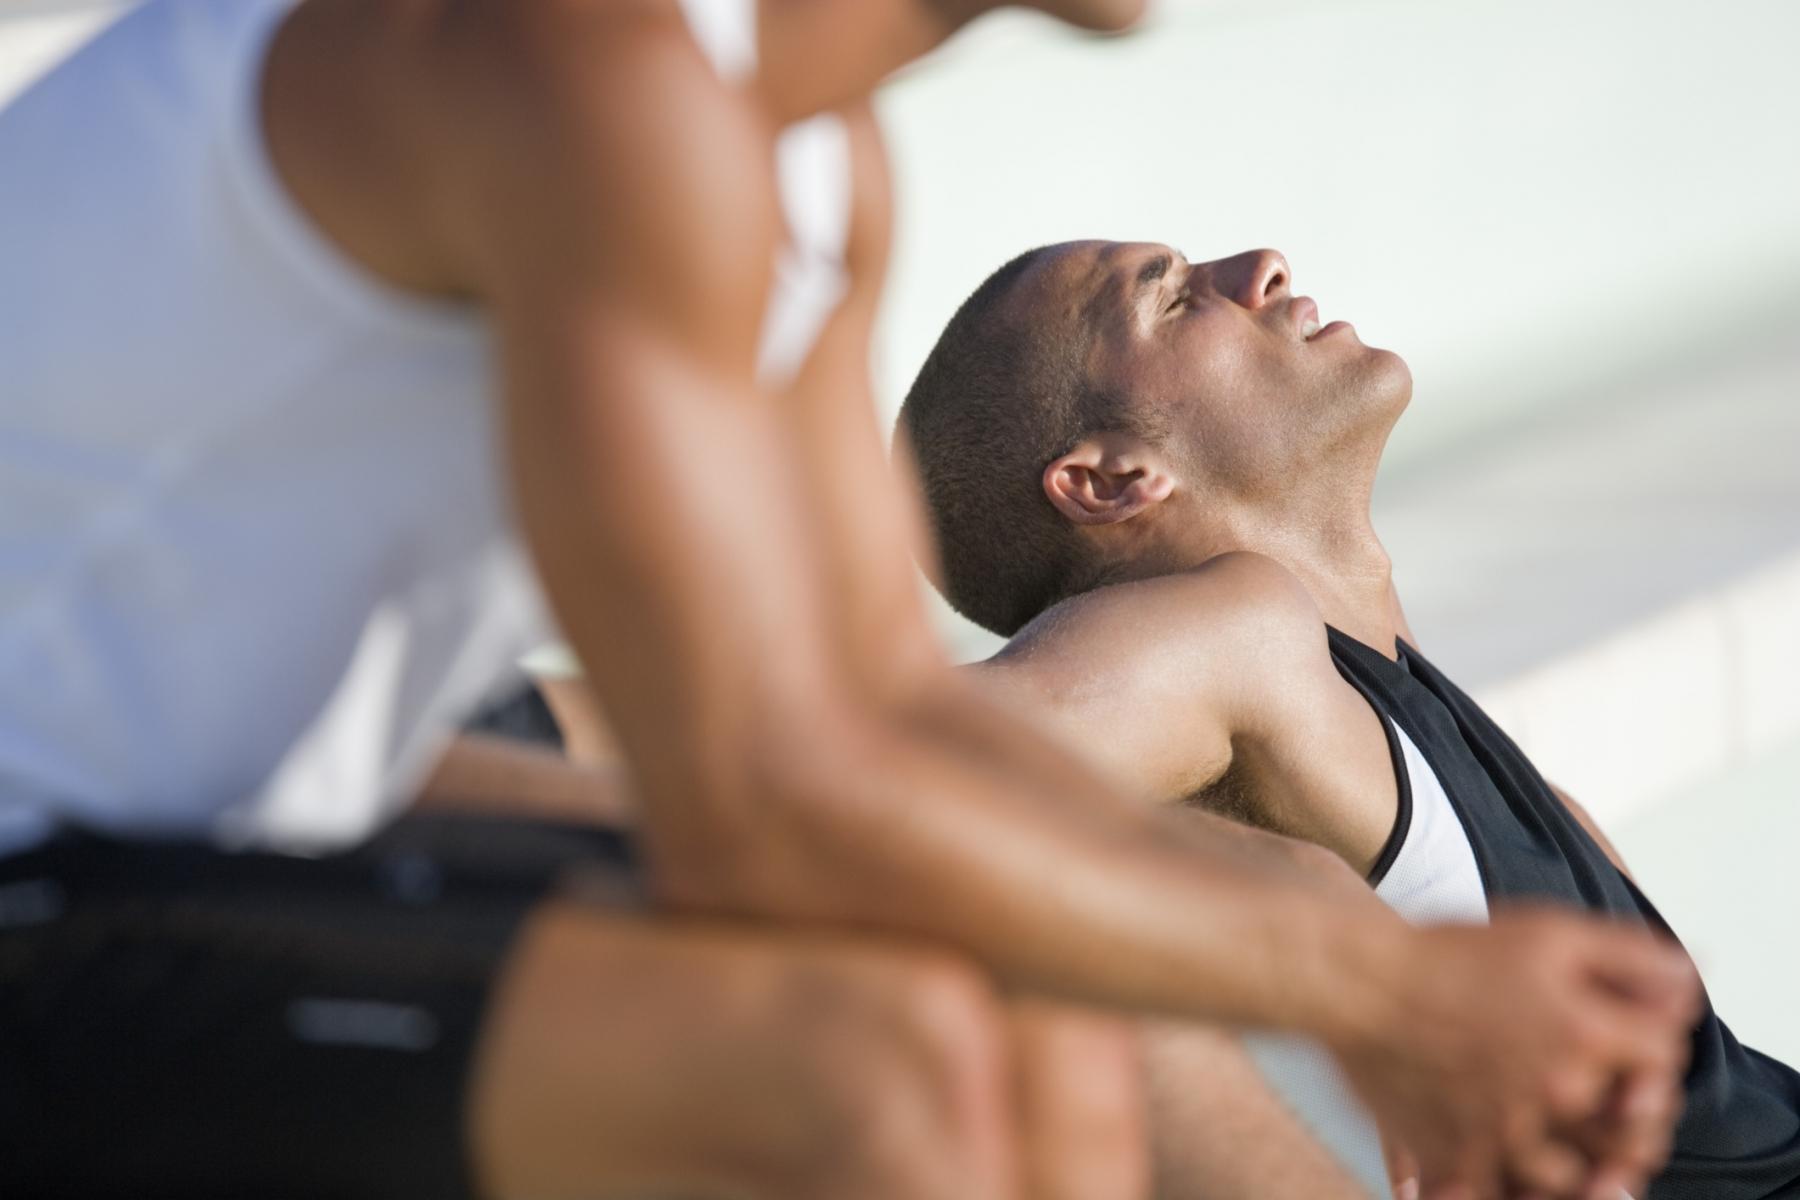 ¿El ejercicio es malo?